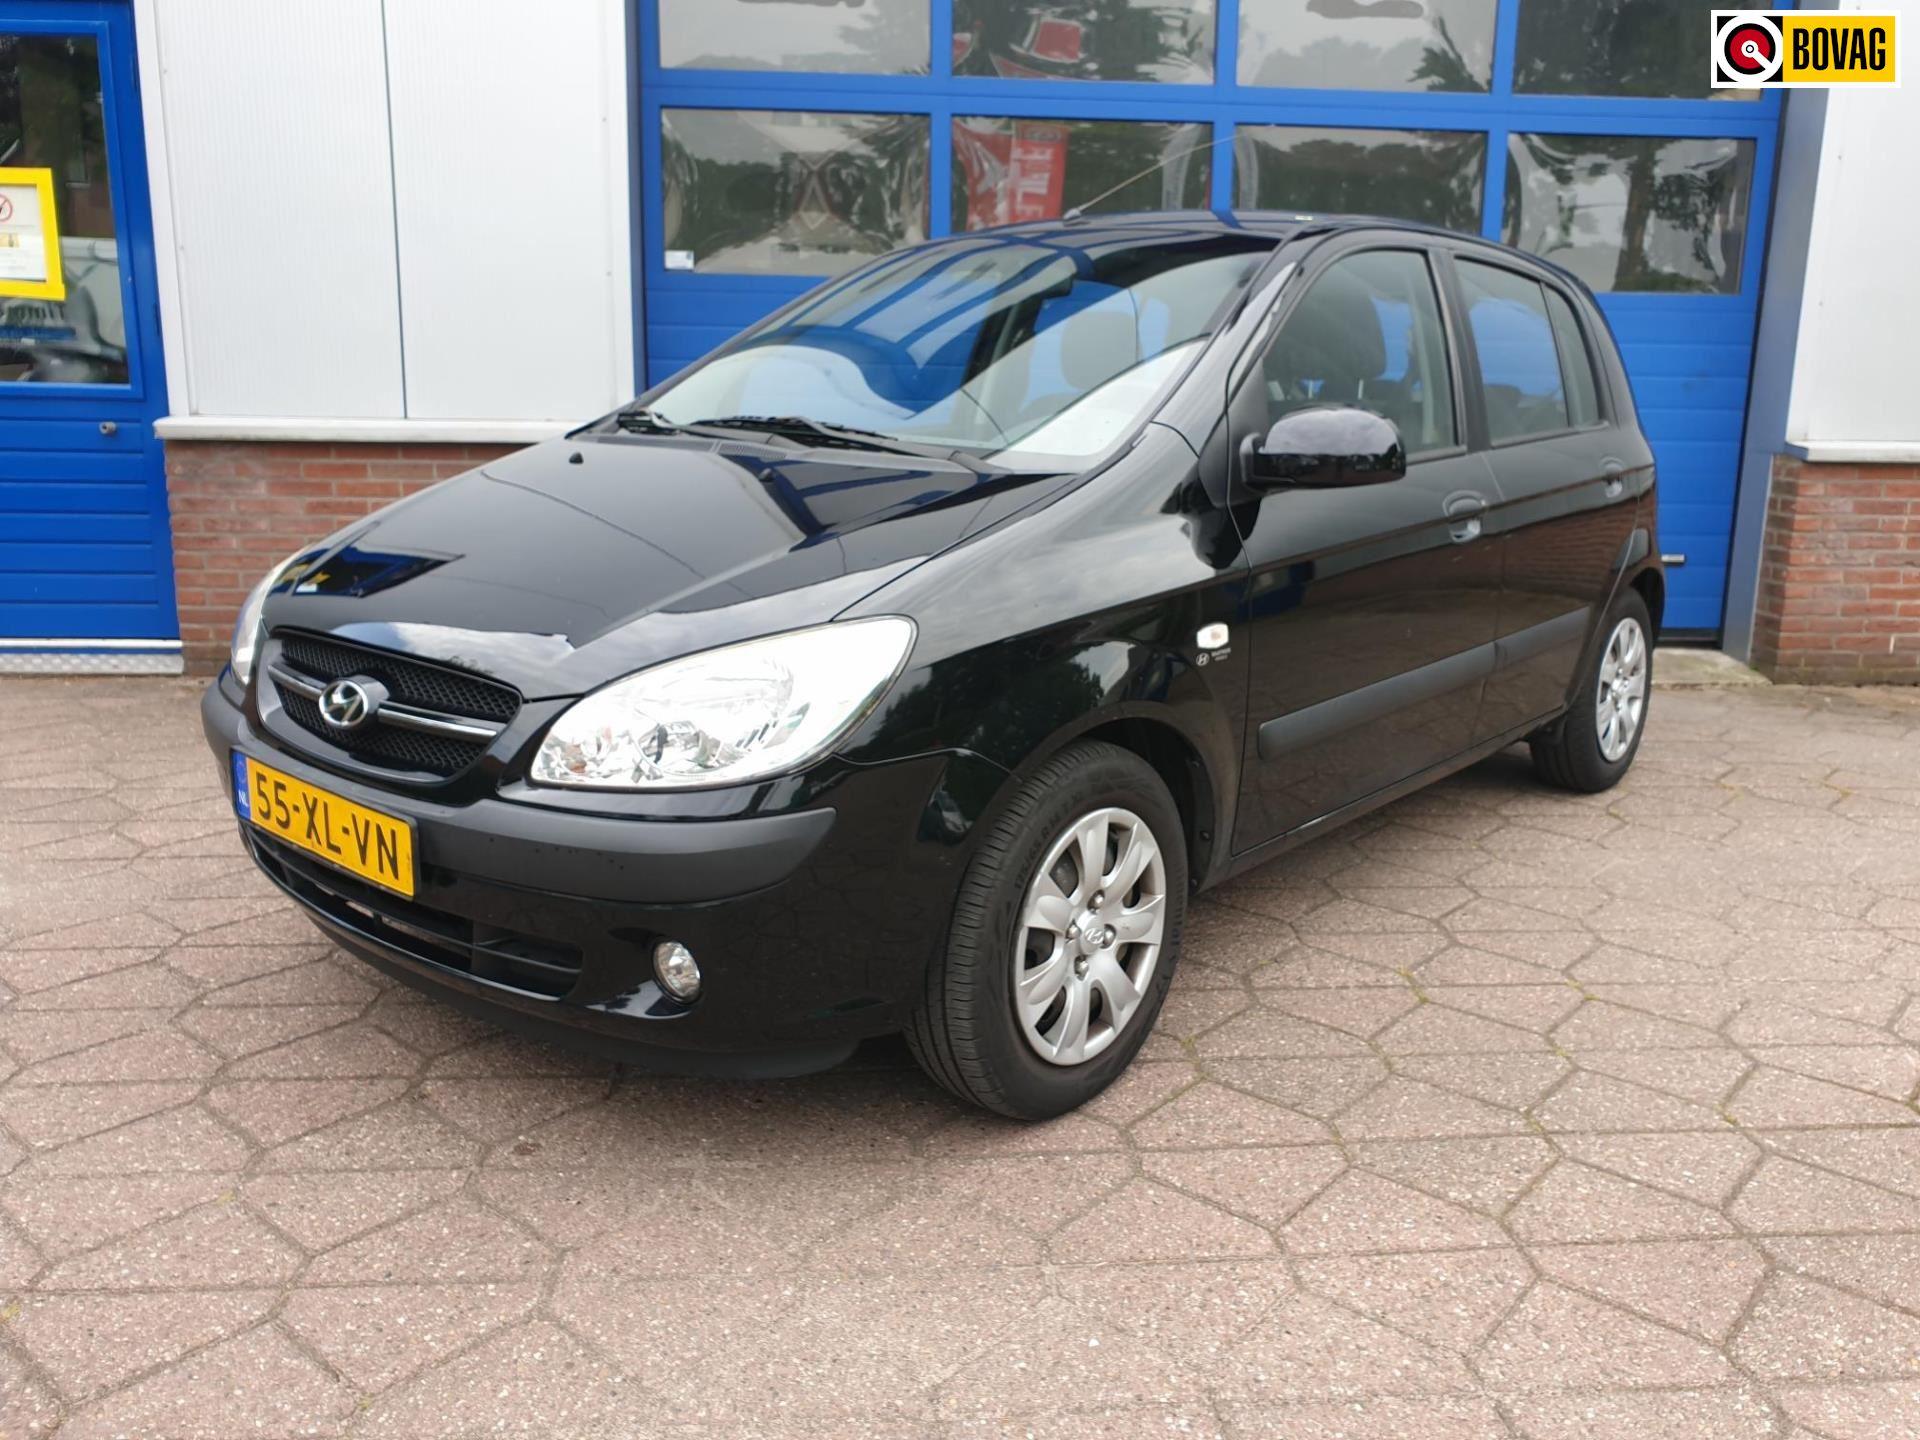 Hyundai Getz occasion - Autobedrijf  Maathuis Hengelo